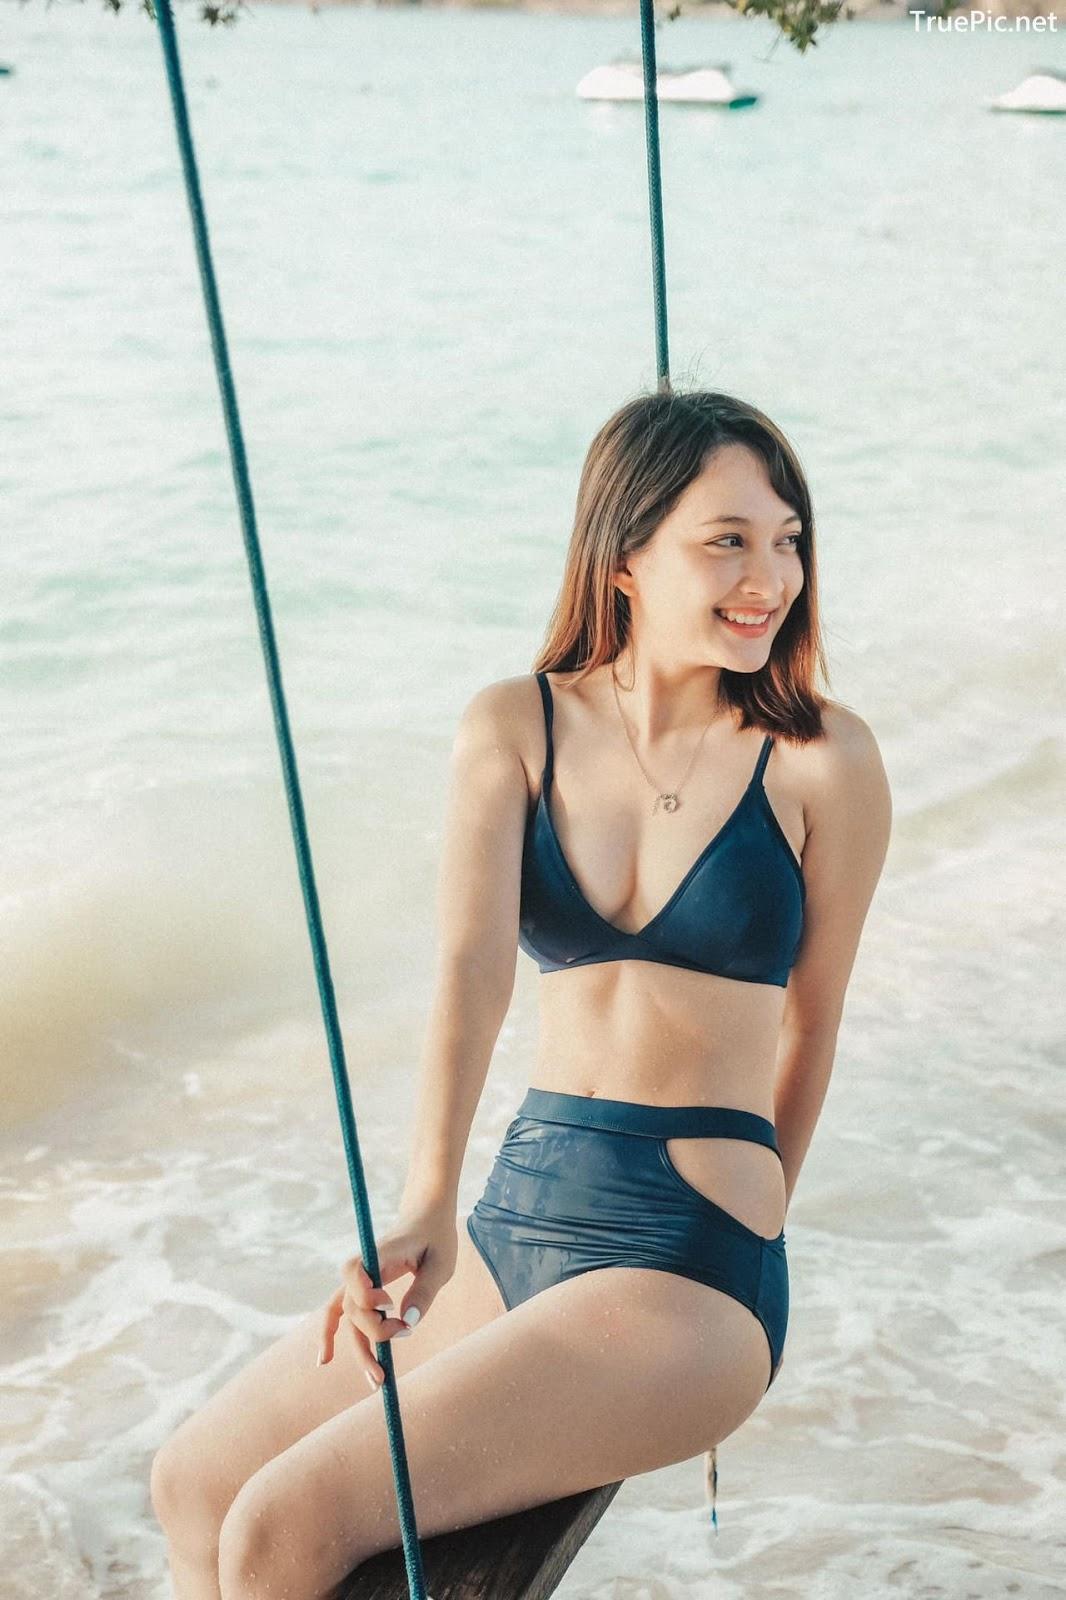 Image Thailand Model - Catherina Nybraaten - Dark Blue Bikini - TruePic.net - Picture-3